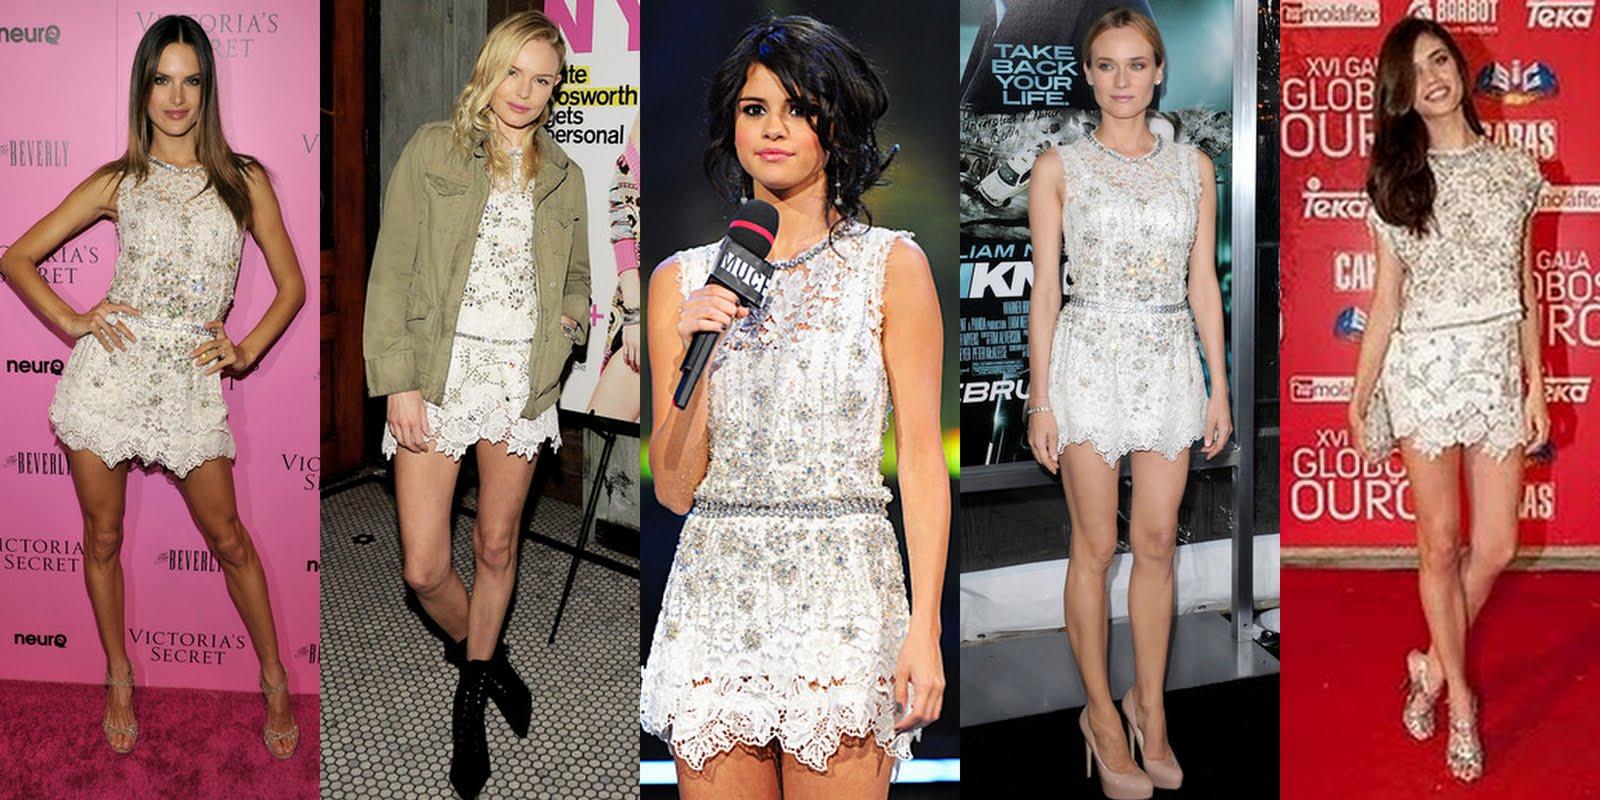 http://1.bp.blogspot.com/-Af1Ruzzb0Bg/TgEaG1NzgsI/AAAAAAAAAw0/5ePSgNmikk4/s1600/D%2526G+dress.jpg